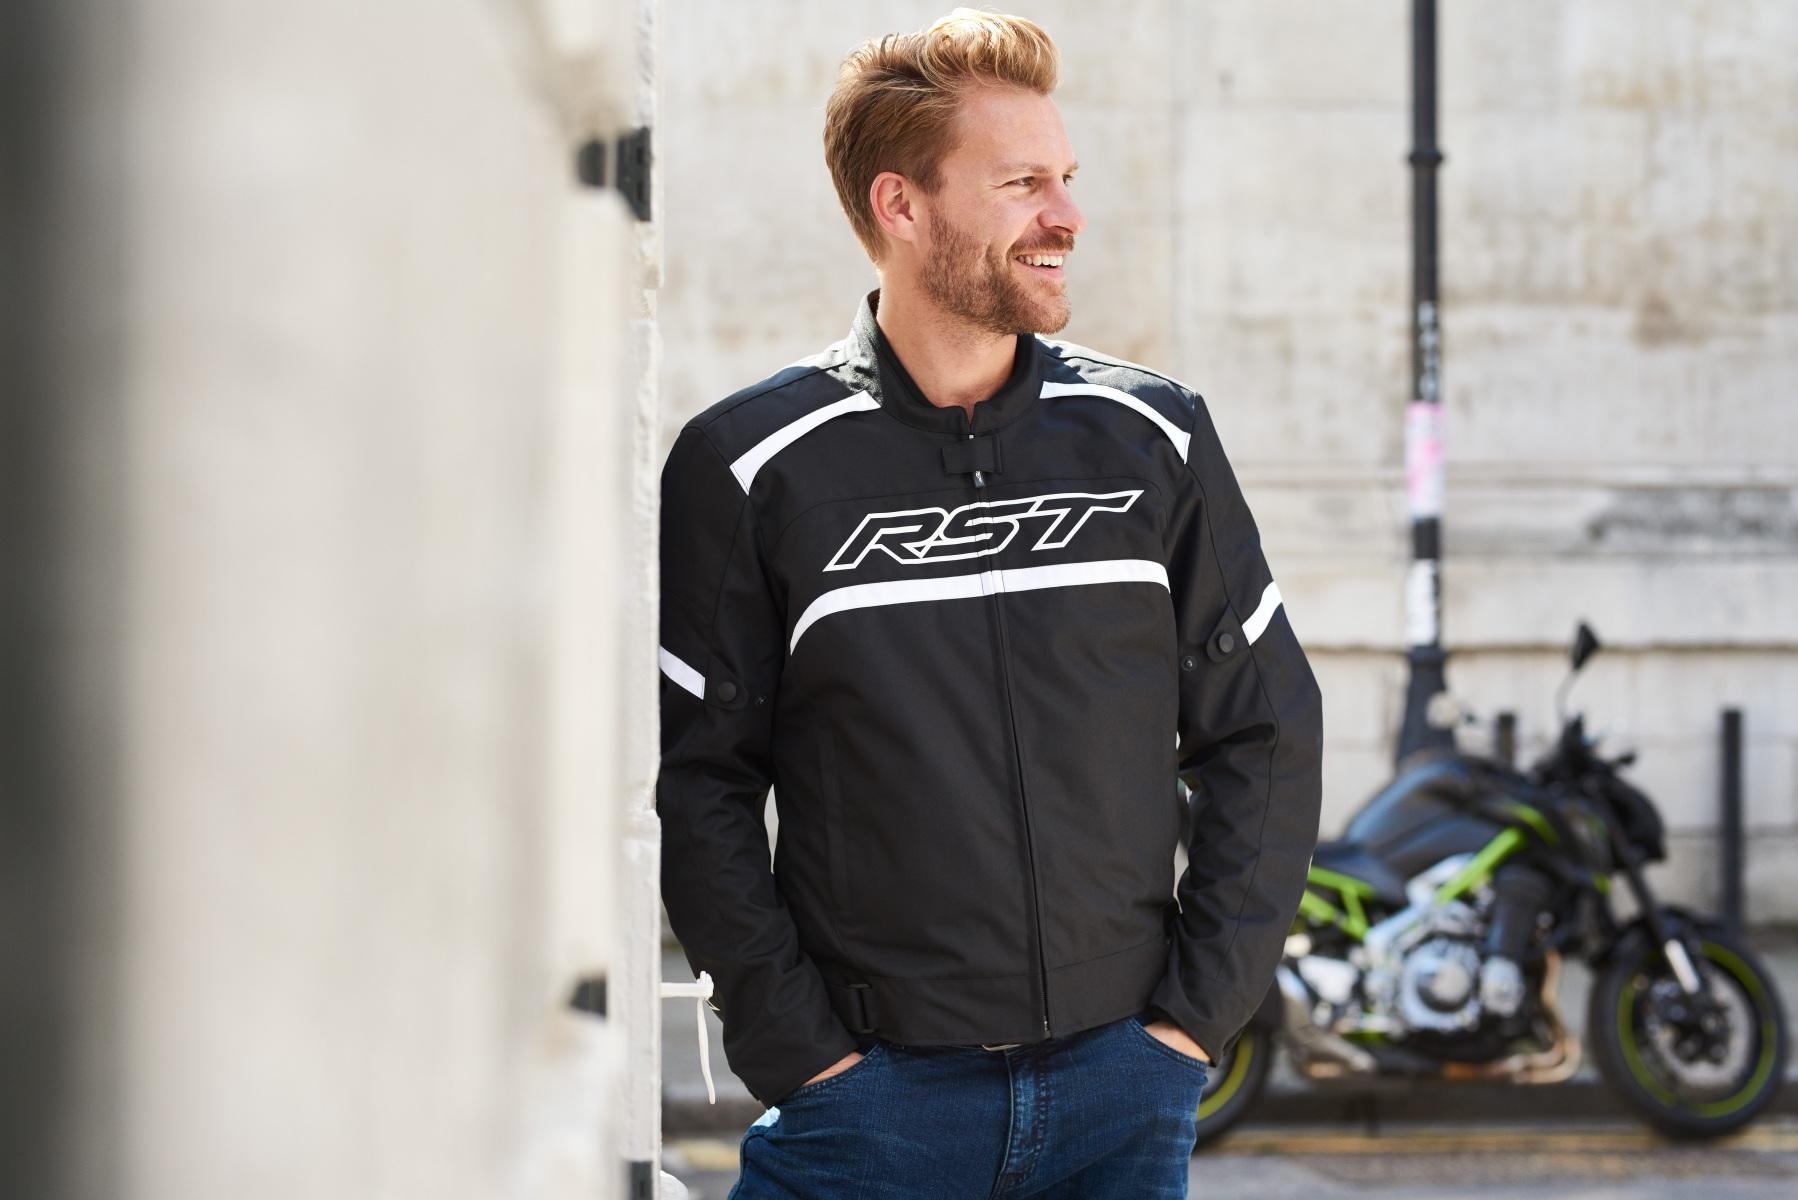 102368-rst-pilot-textile-jacket-black-lifestyle-01